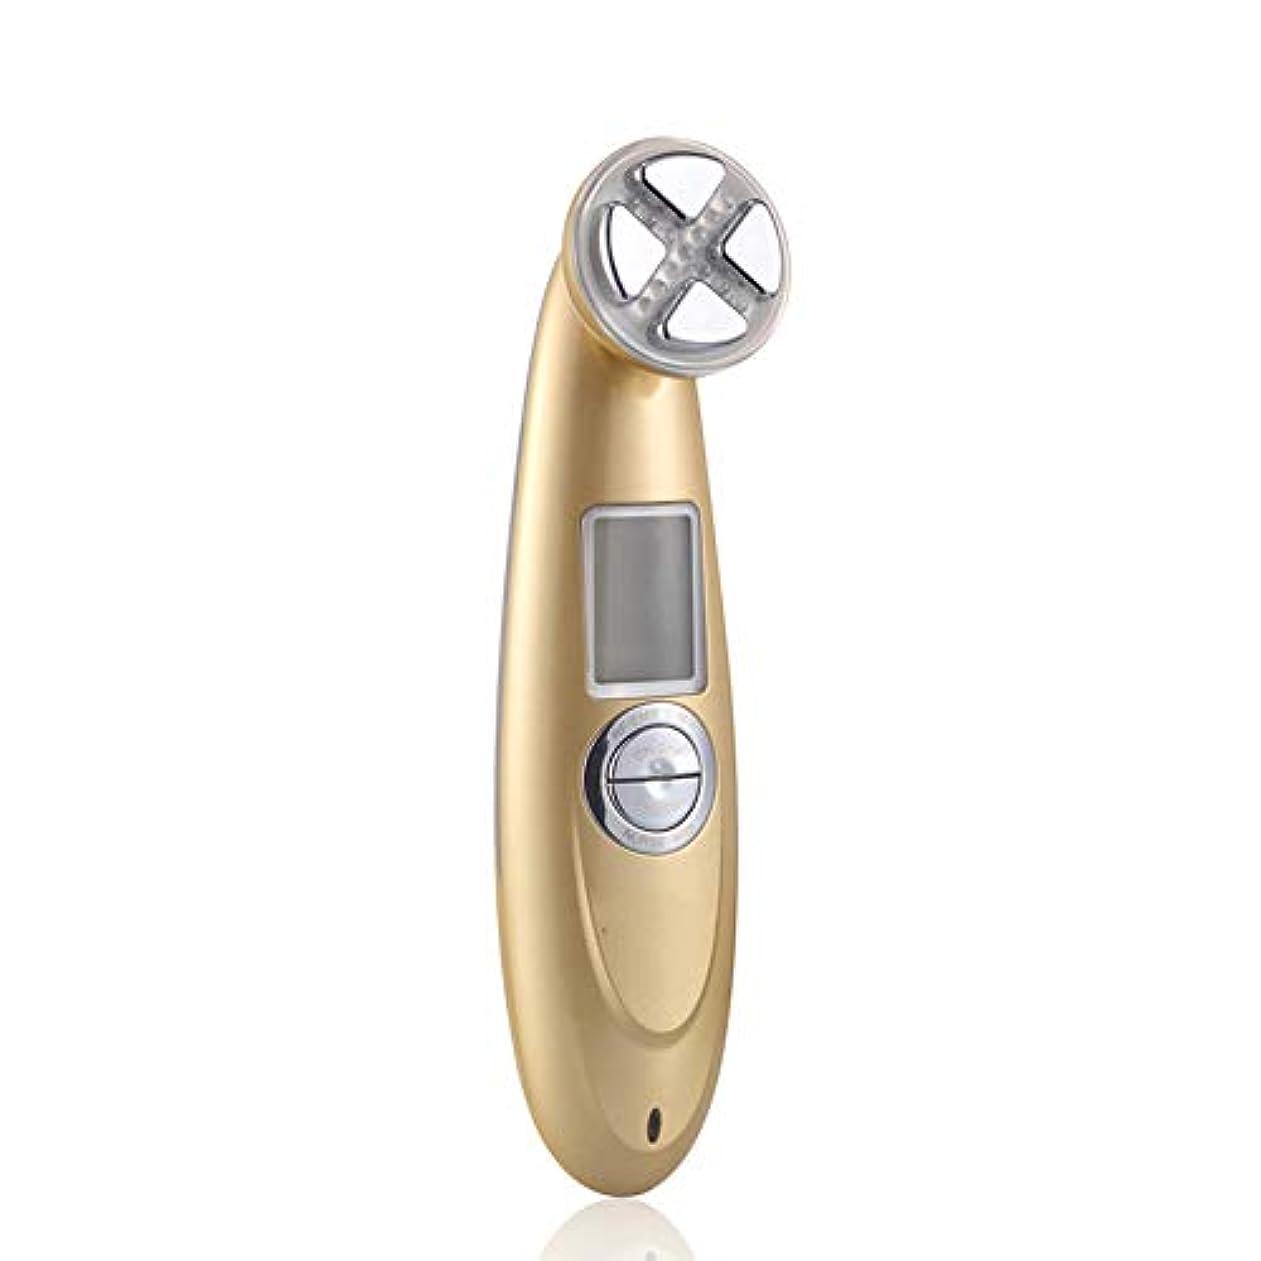 米国夕暮れジャングルLEDフェイシャルマッサージ、家庭用エレクトロポレーションRF美容機器はじめに機器フリークンアクネフェイシャルマッサージシワや肌をほぐします